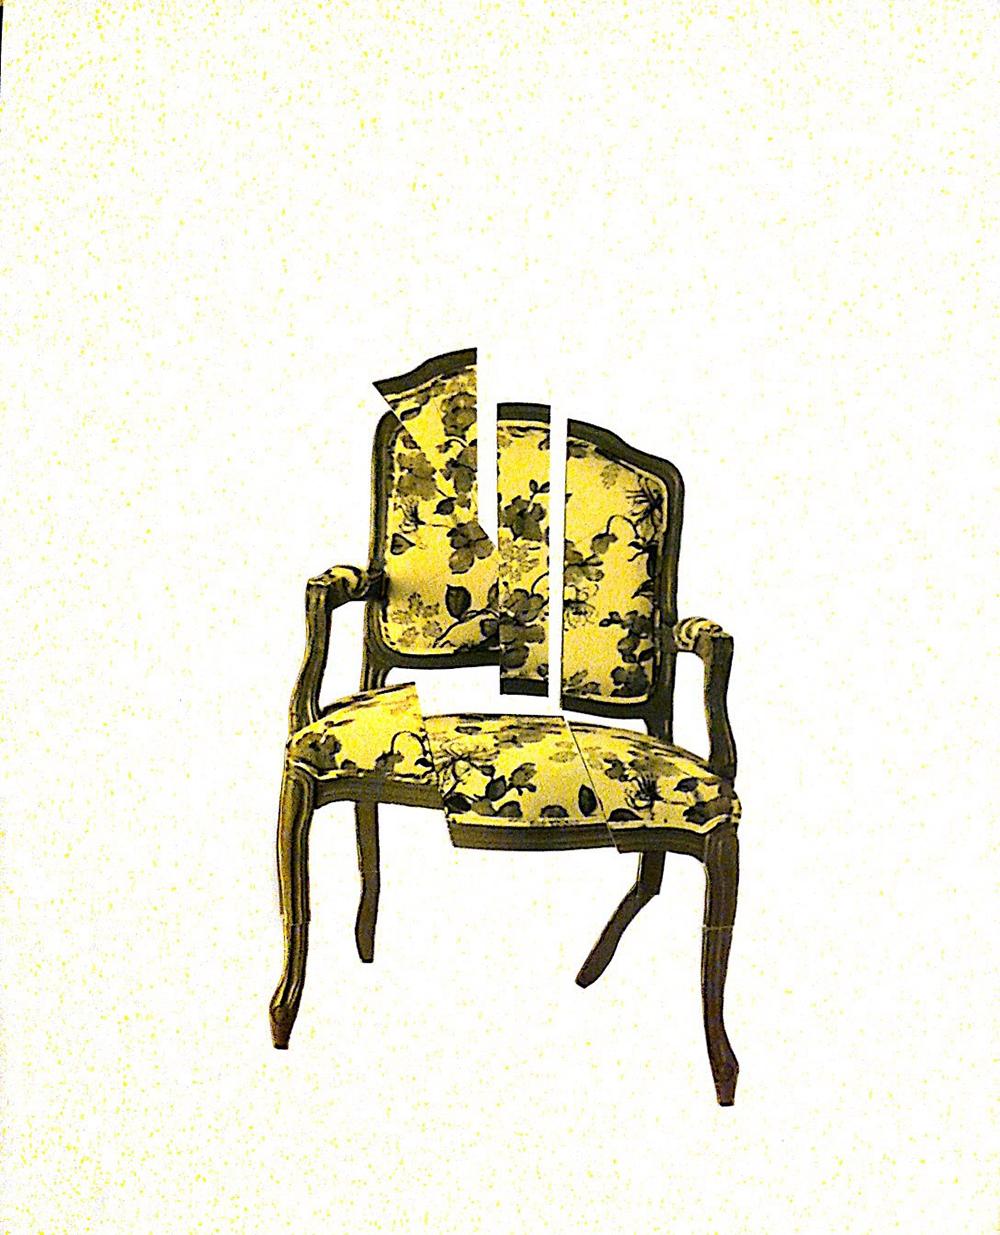 קופליוס, סקיצה של כיסא הבארוק